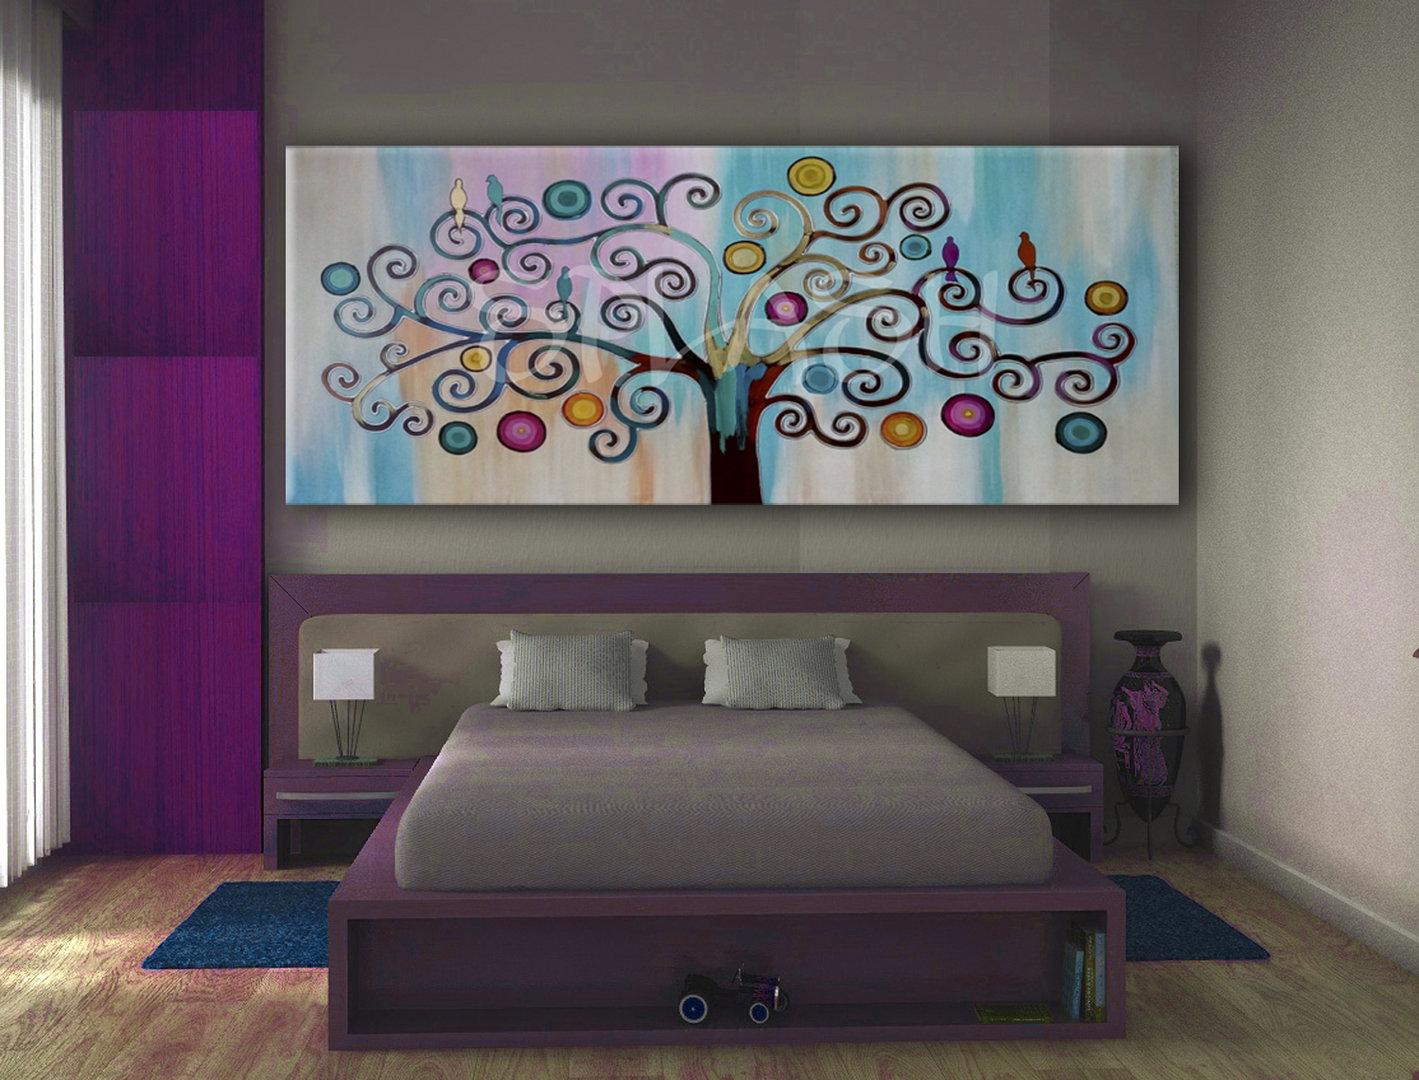 Cuadros rbol de la vida turquesa y magenta para salones y dormitorios cuadros modernos splash - Cuadros para dormitorios modernos ...